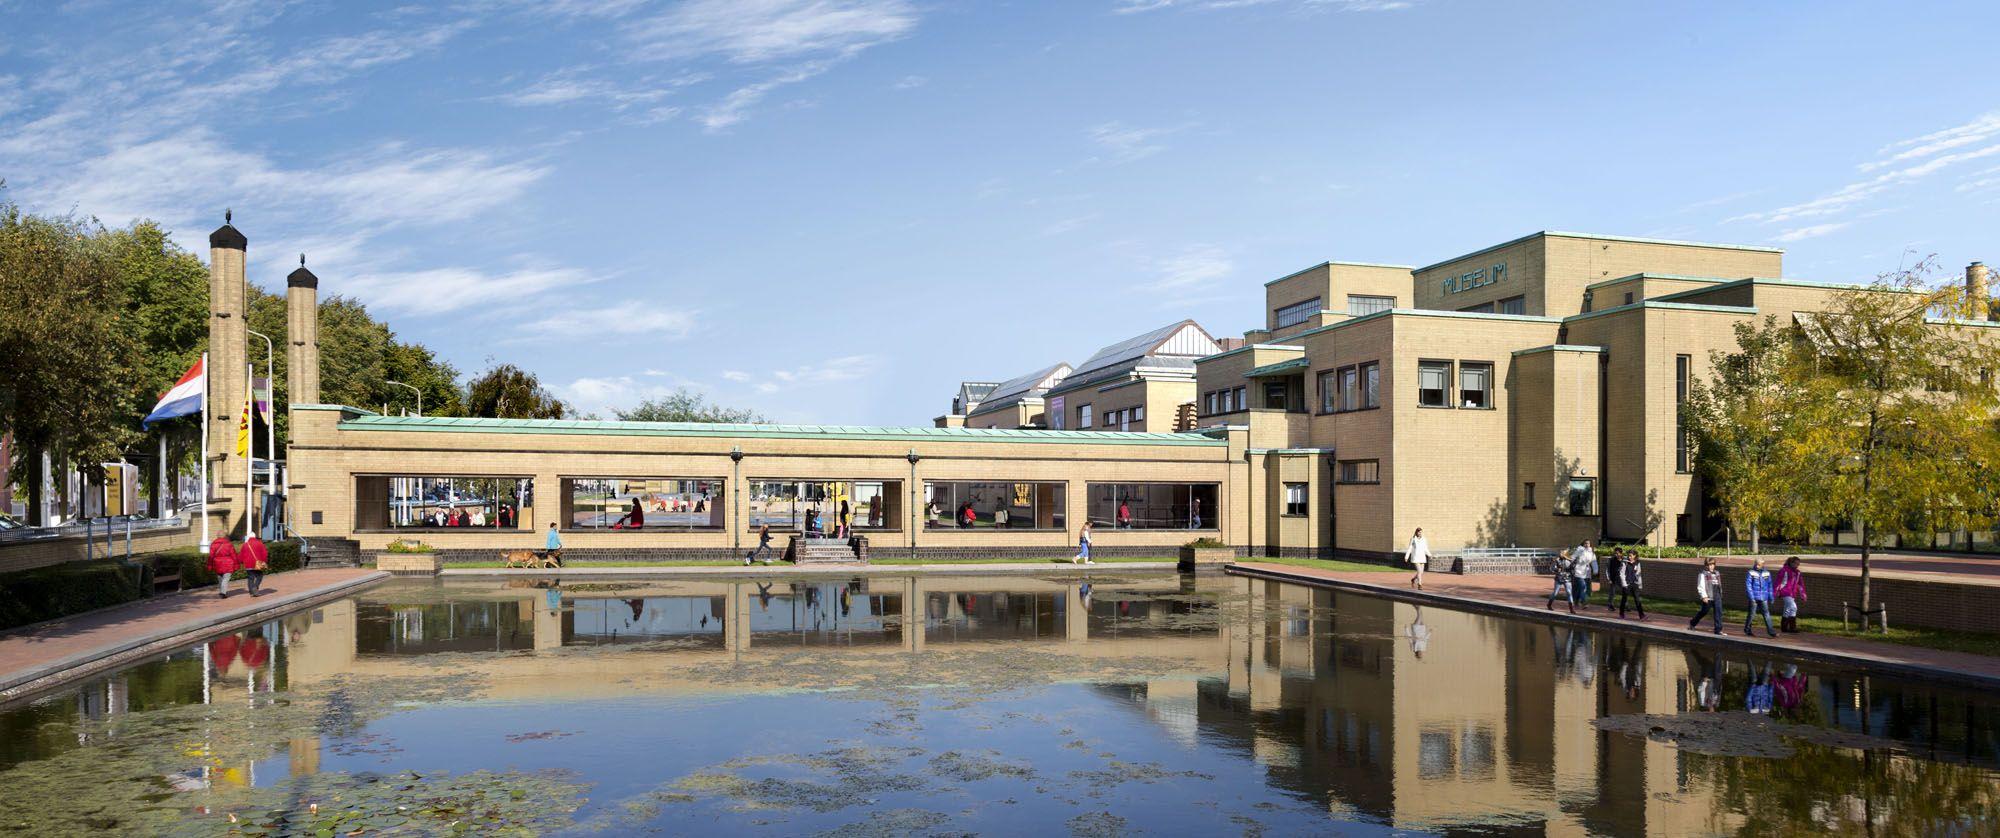 到此一游 海牙市立博物馆,有世界上最多的蒙德里安名作